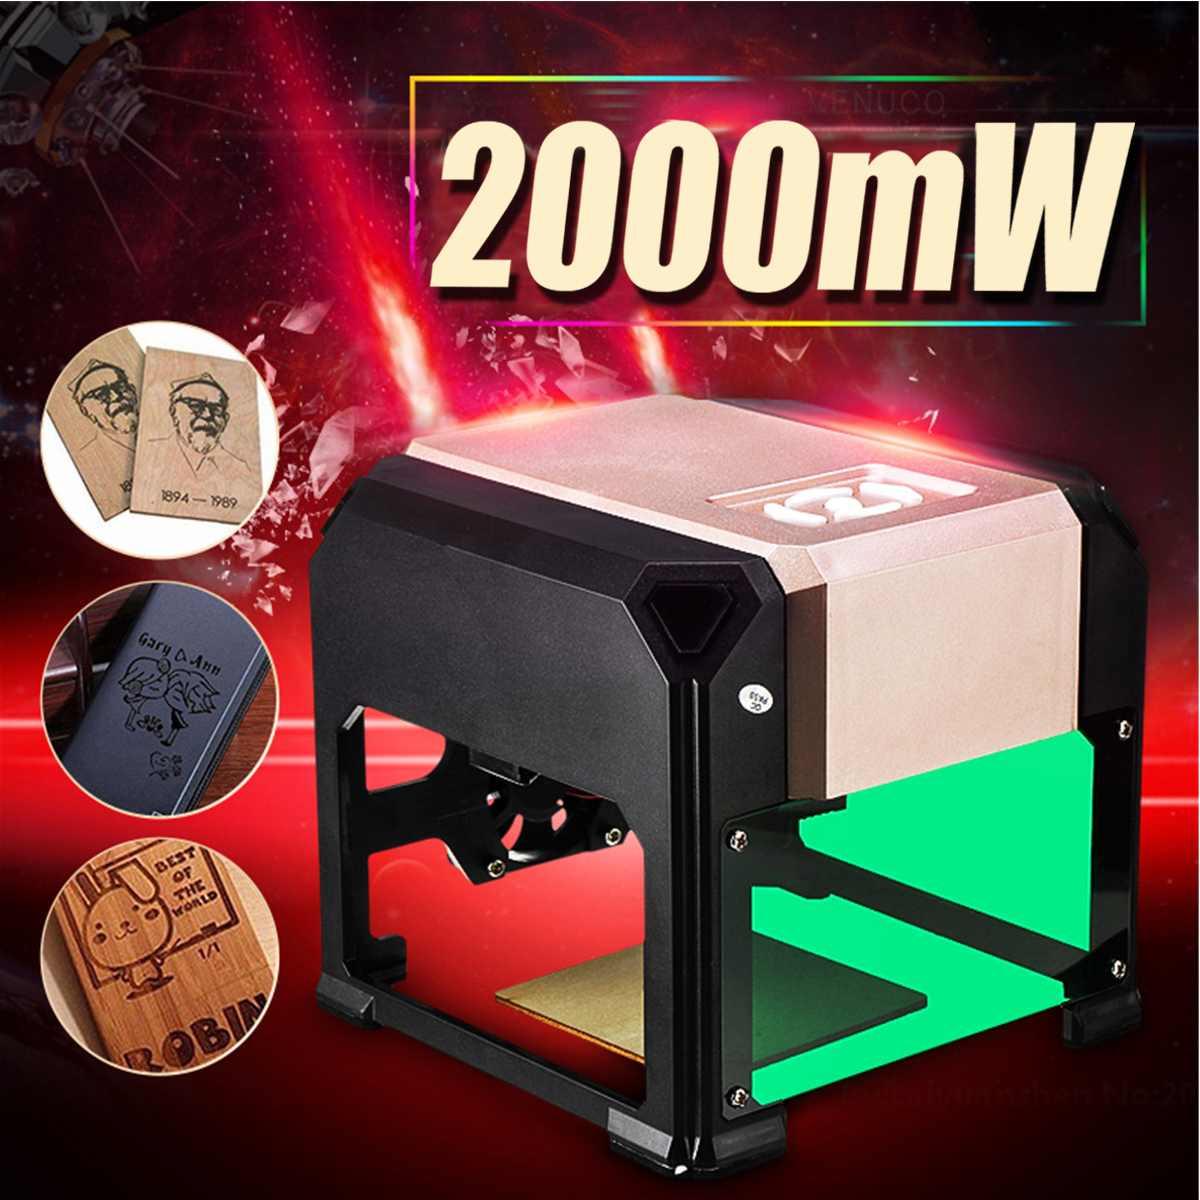 1500 mW CNC USB logo bricolage Mini bureau Machine de gravure Laser graveur imprimante sculpteur